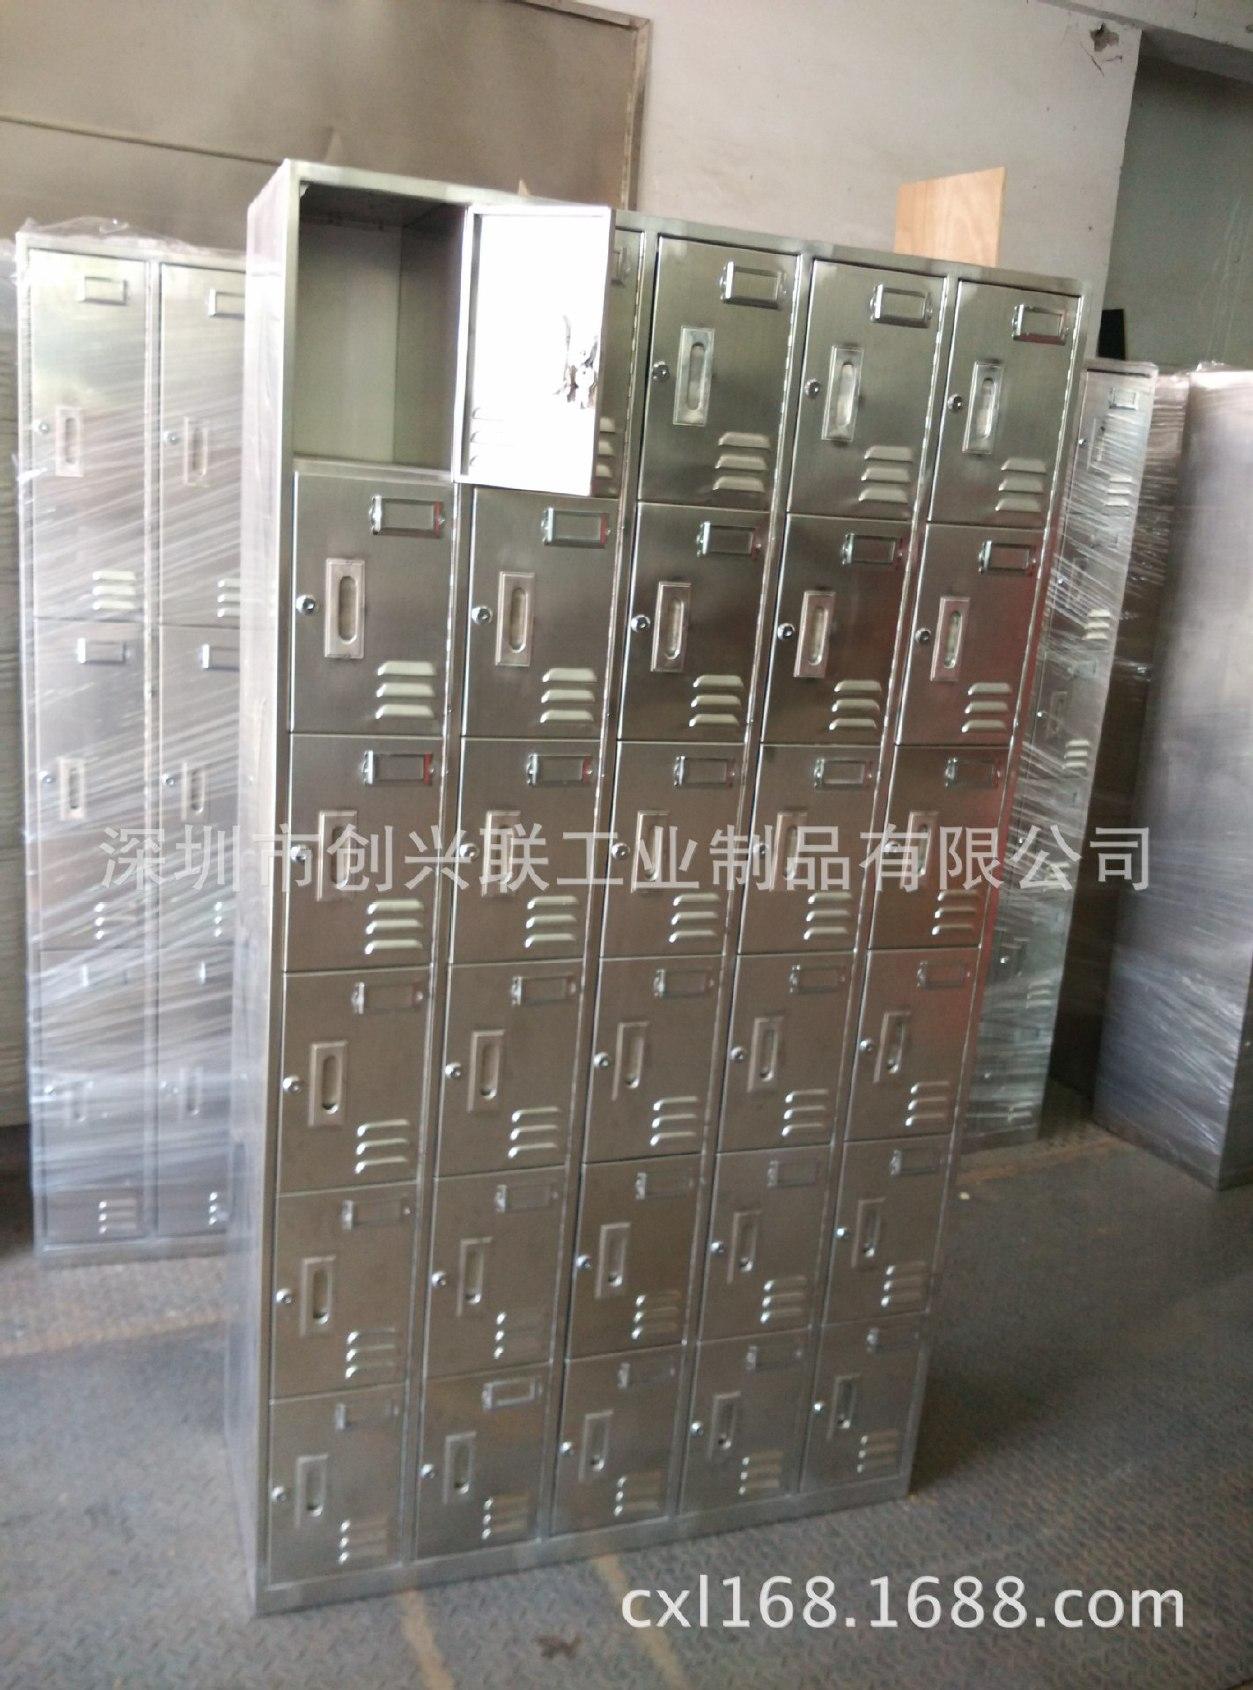 供应各种储物柜 鞋柜 加工定制各种规格不锈钢柜子